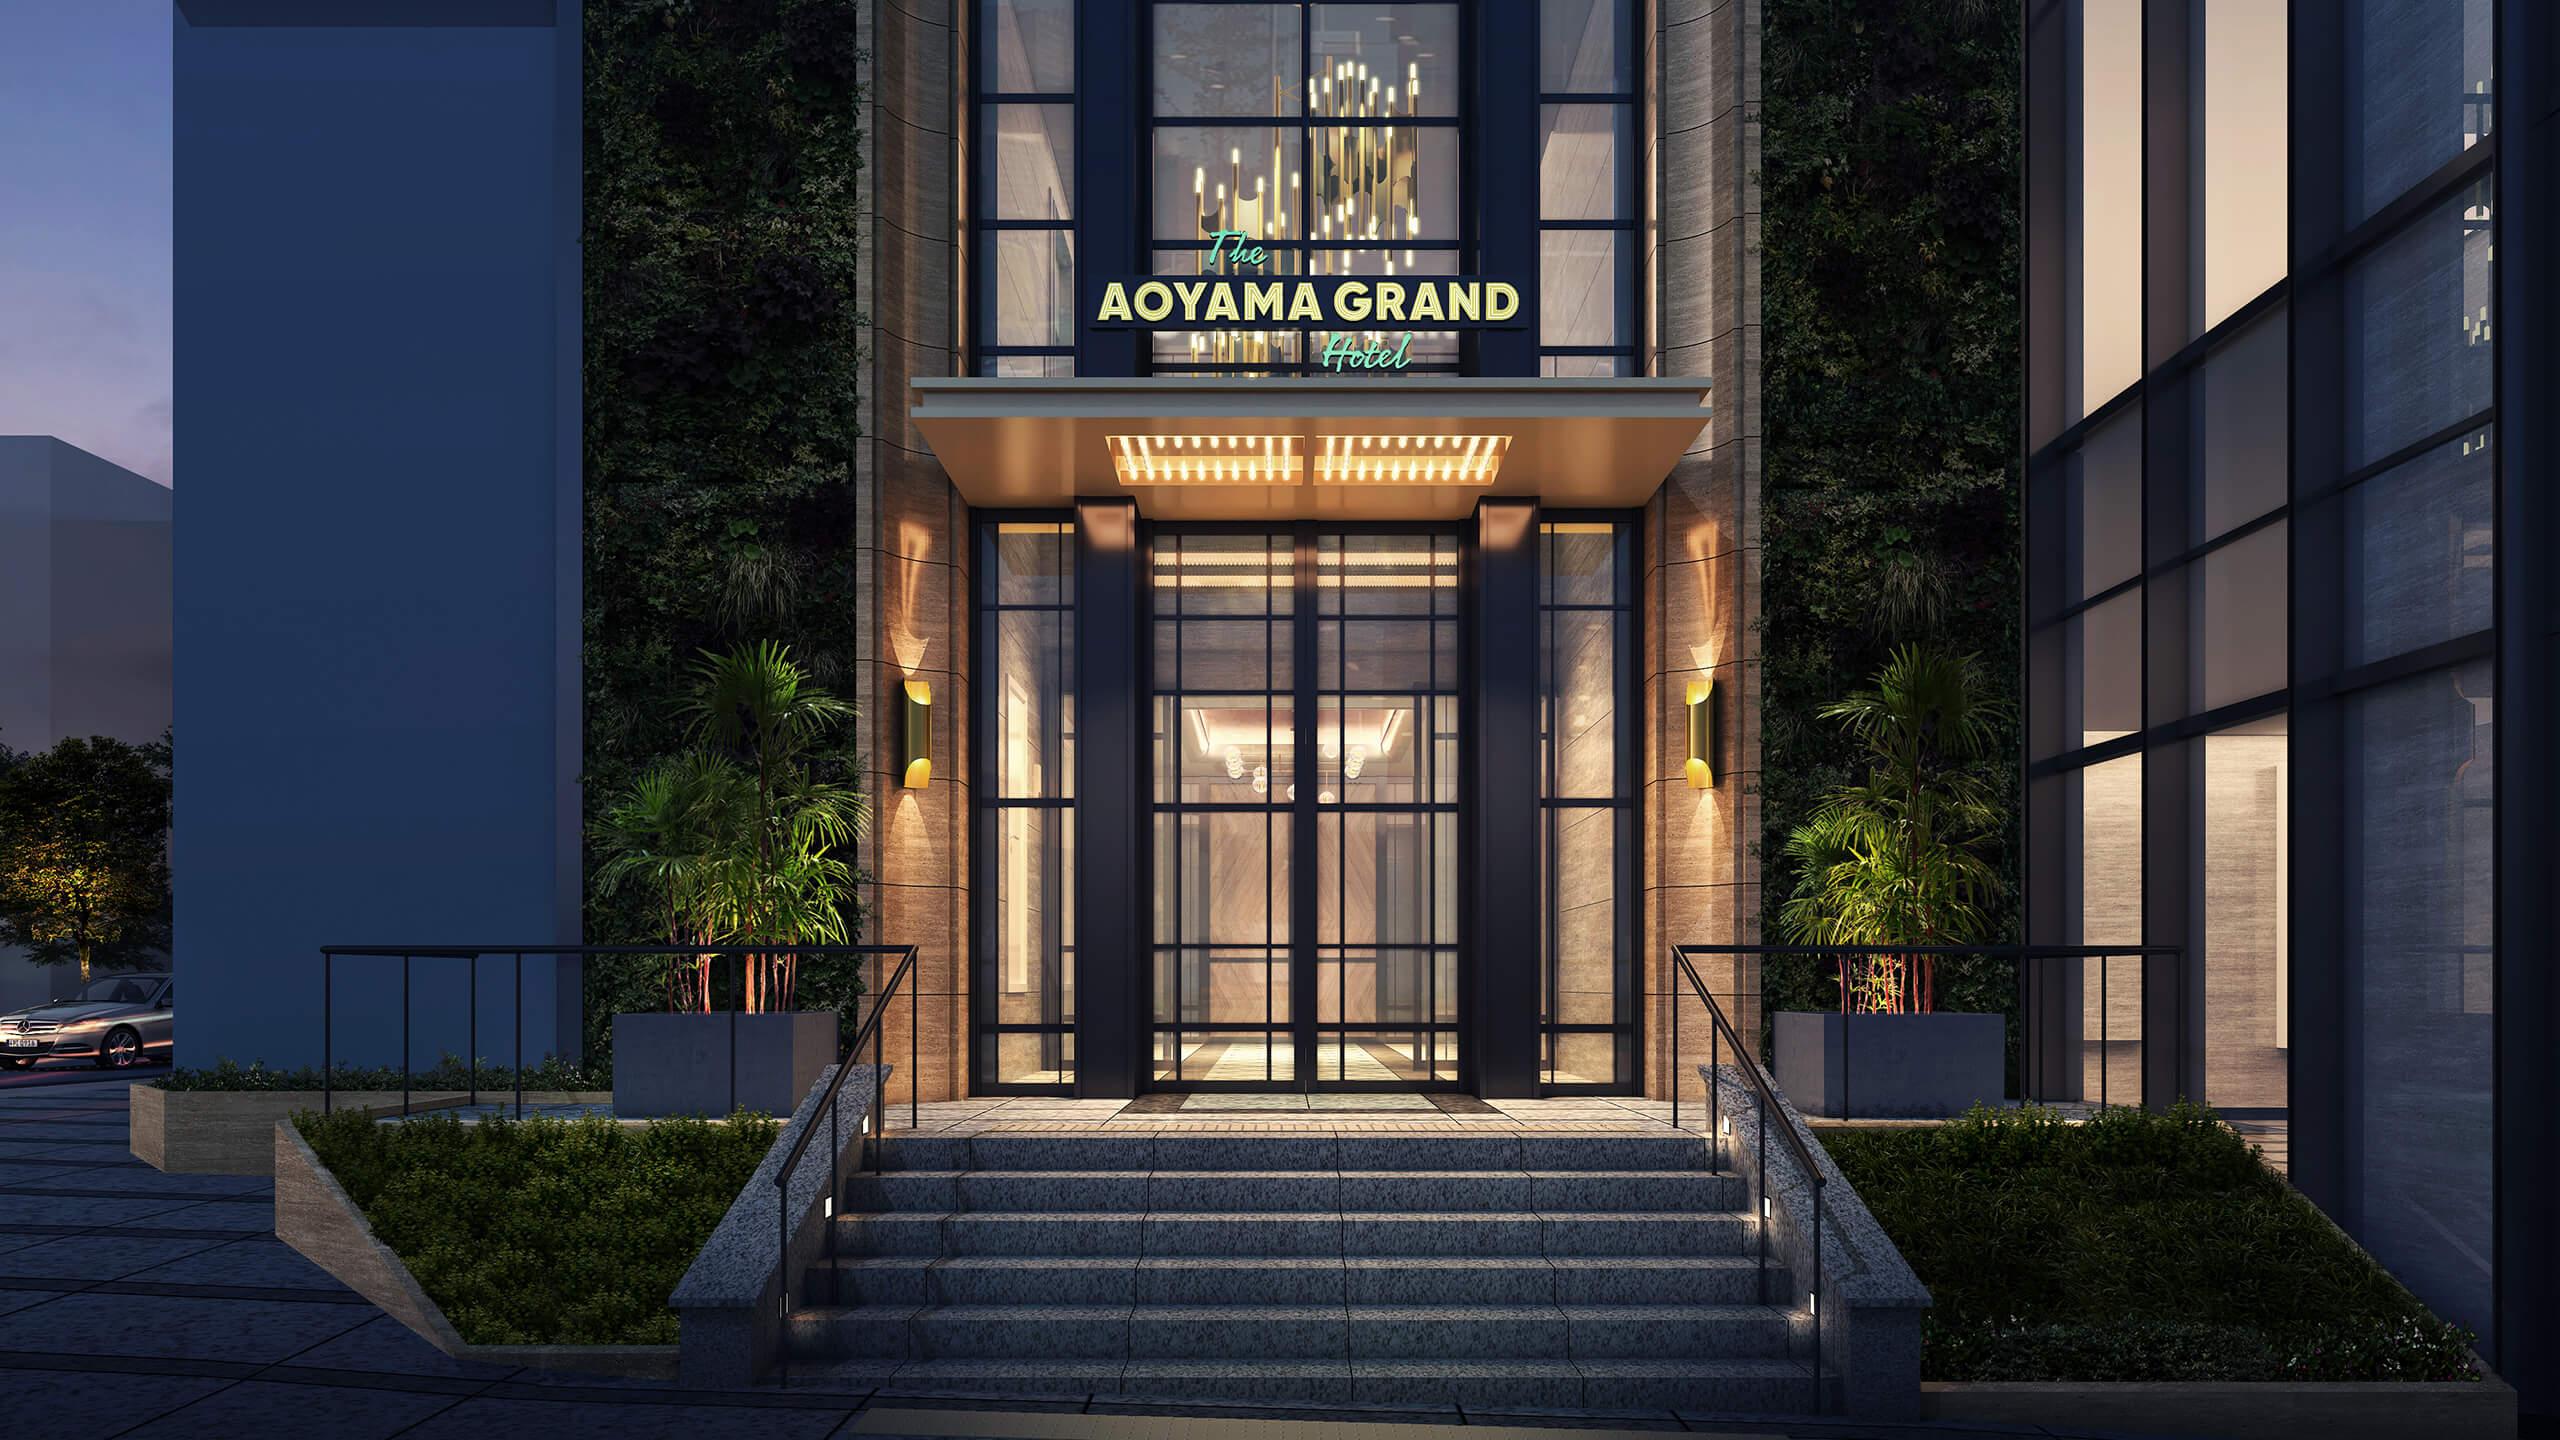 写真:THE AOYAMA GRAND HOTELの外観